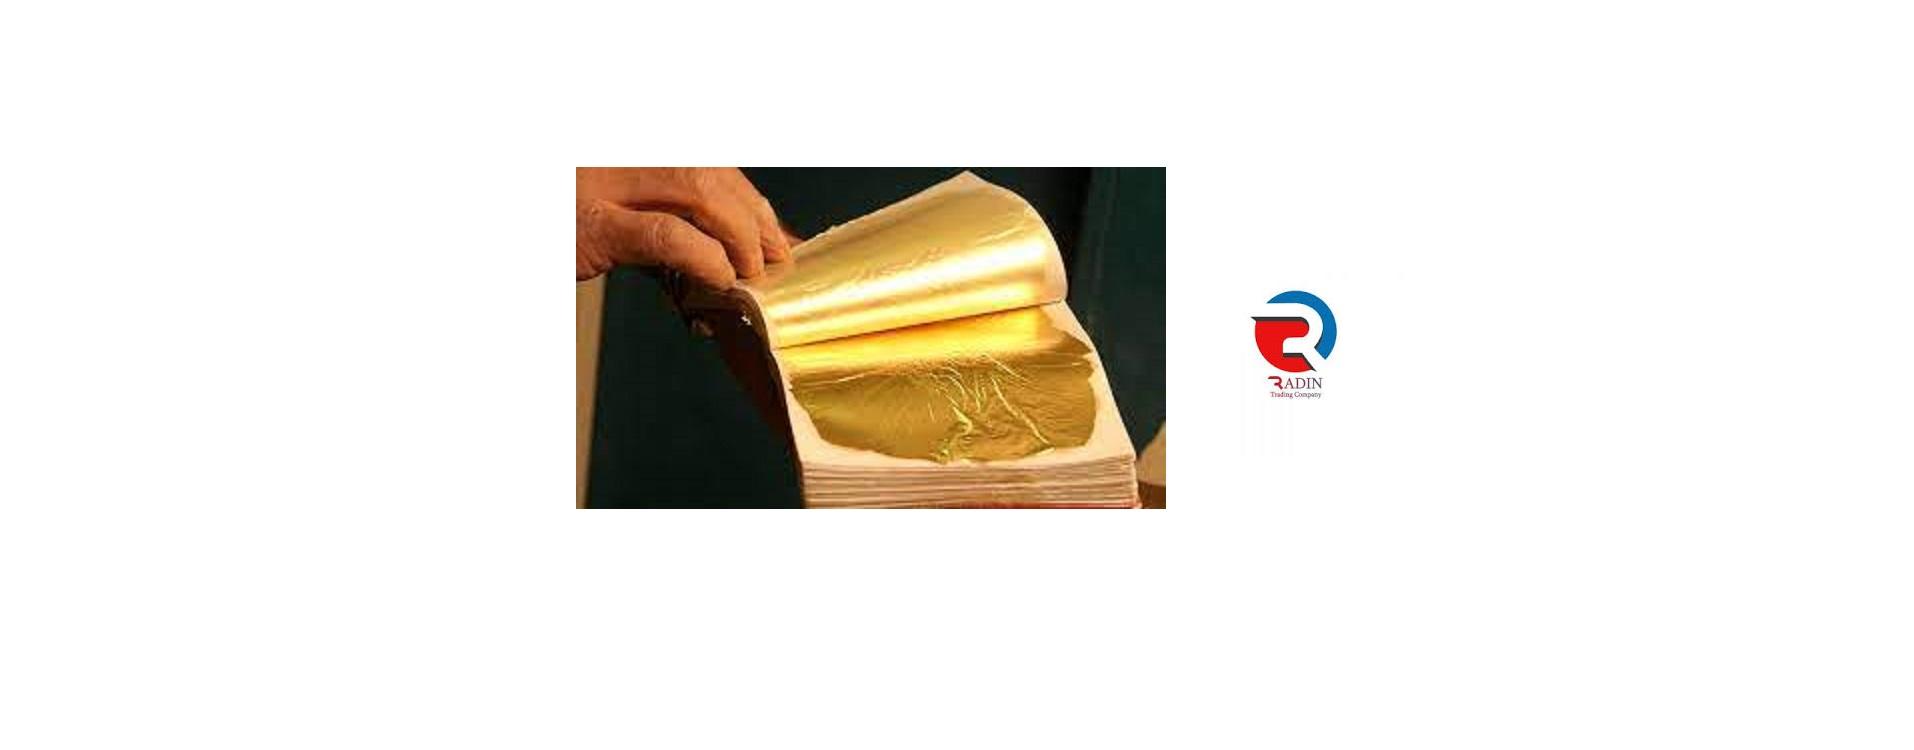 فروش عمده ورق طلا در جنوب تهران